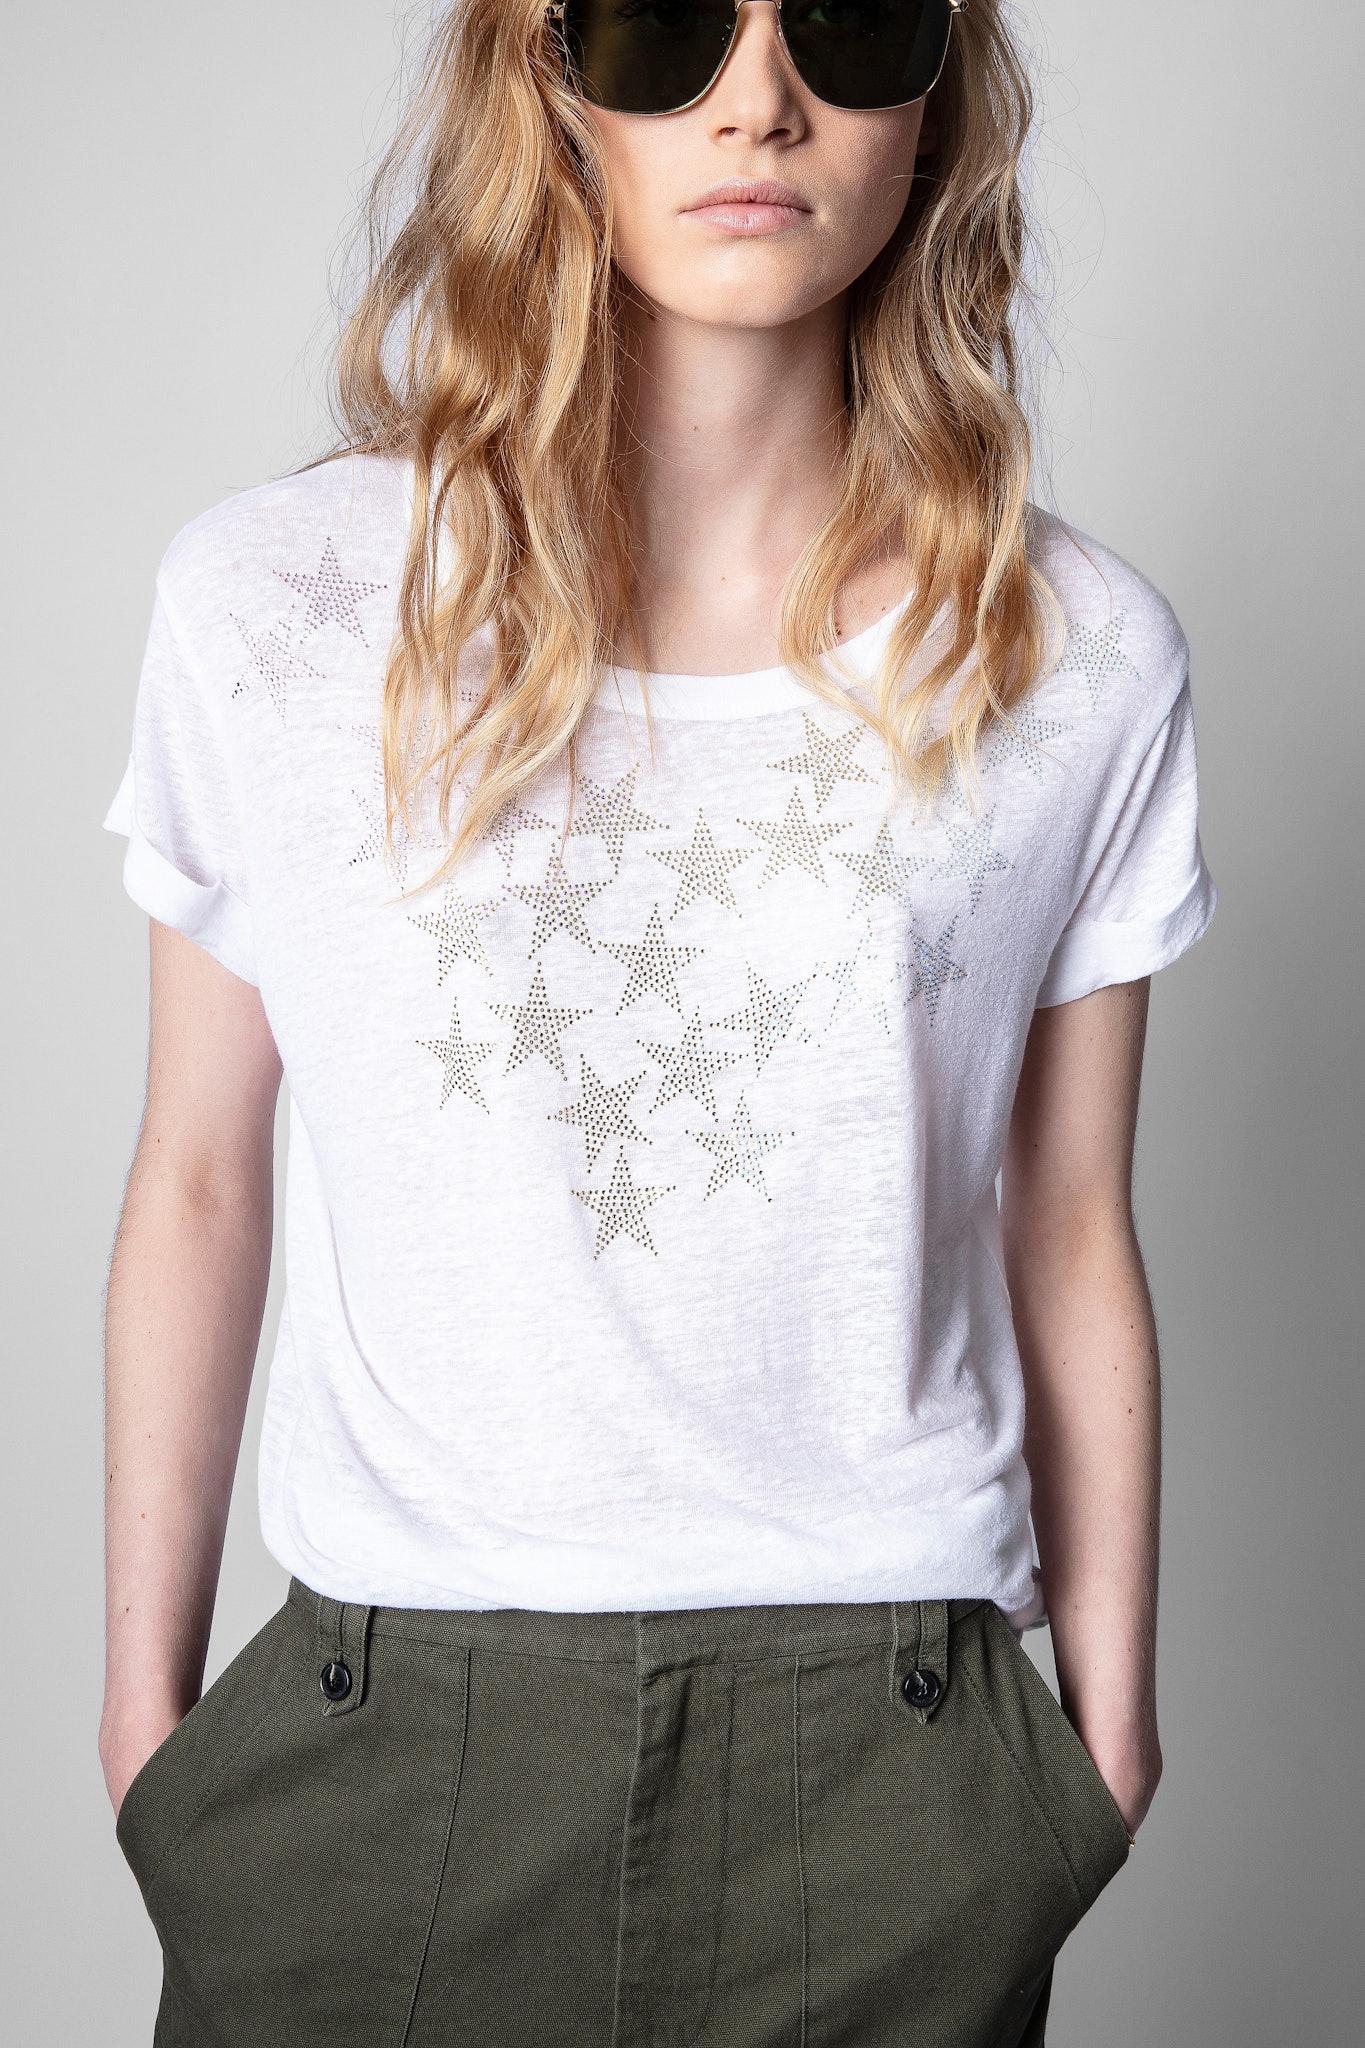 Anya Stars T-shirt